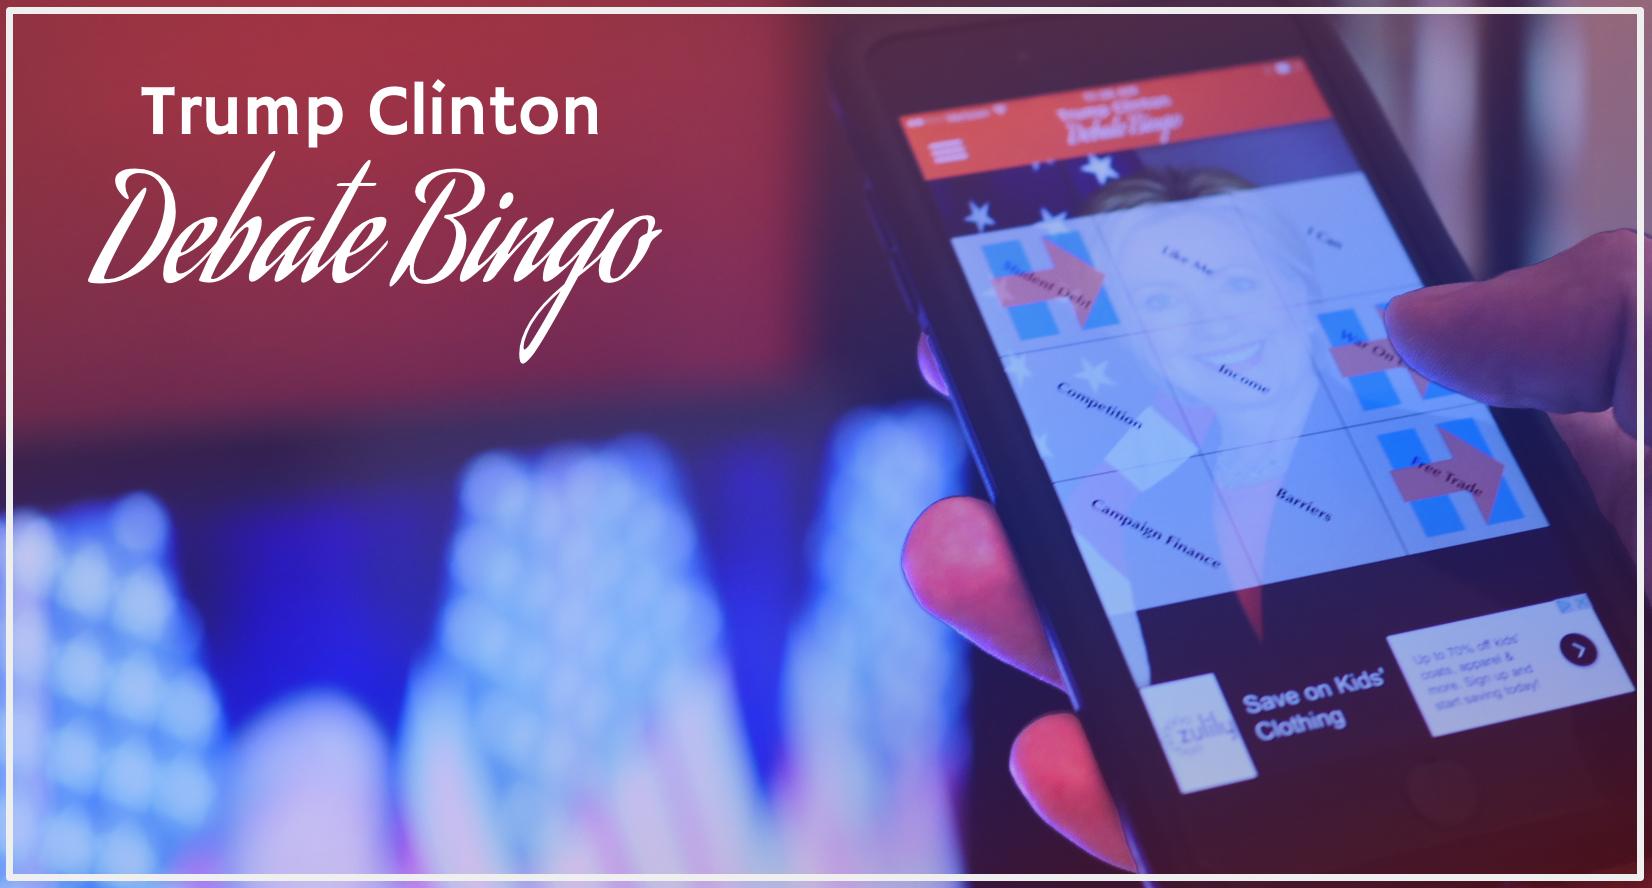 play trump clinton debate bingo app